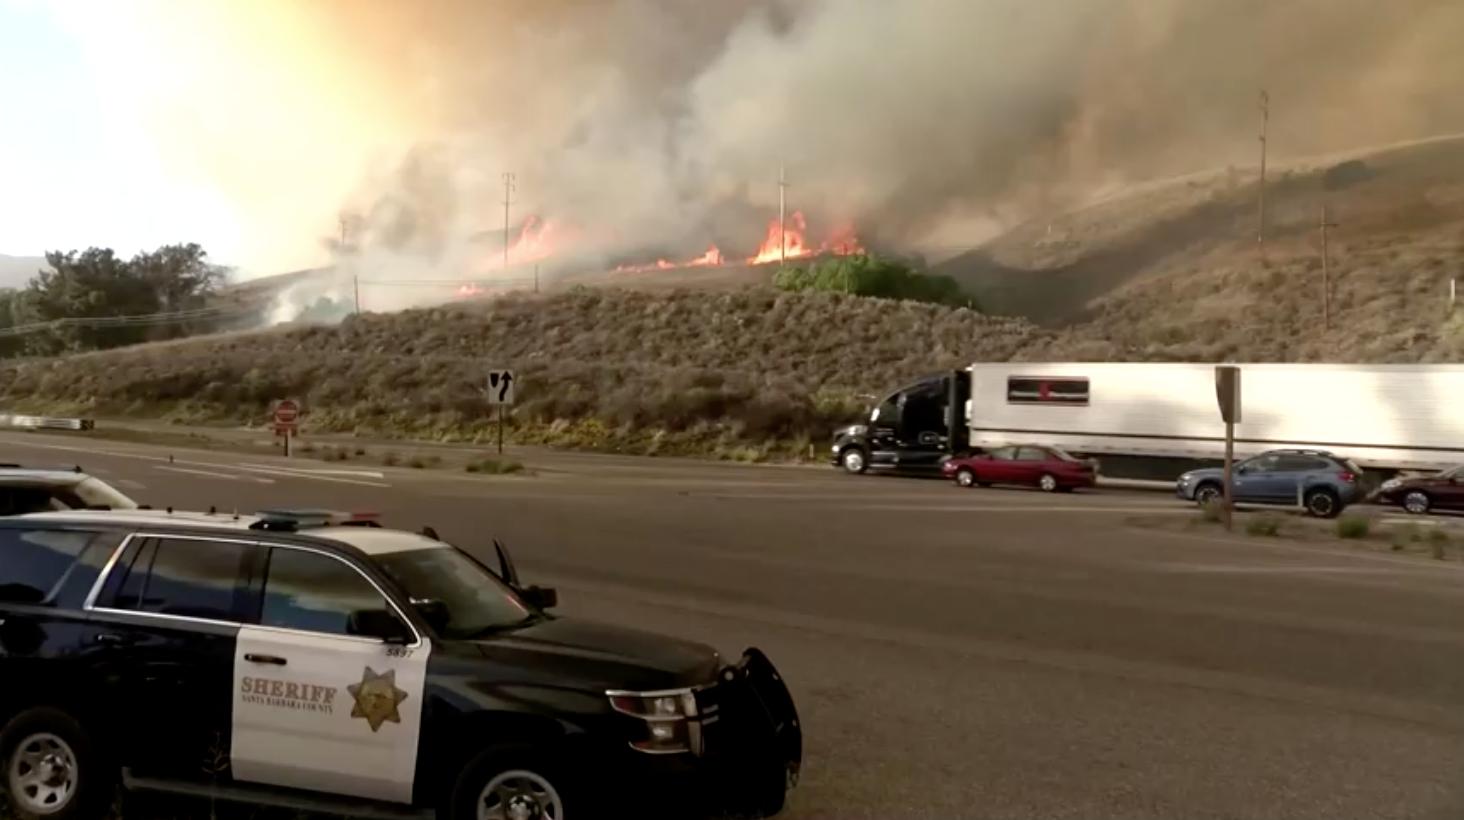 Cháy lan rộng 6,000 mẫu Anh gần Santa Barbara, California khiến người dân phải di tản, xa lộ 101 đóng cửa